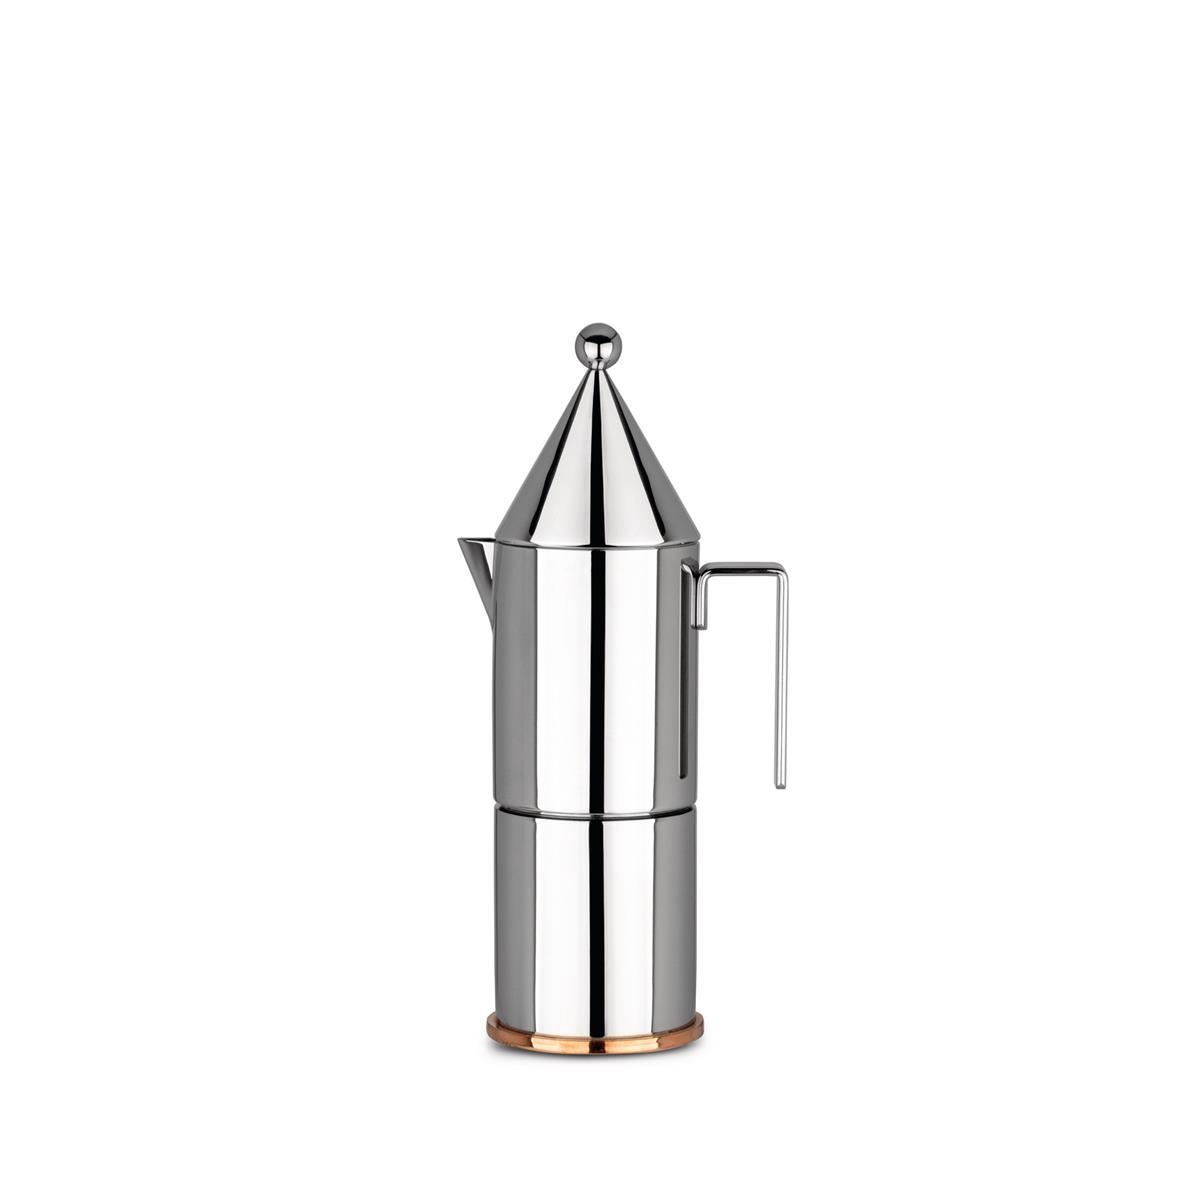 Alessi-La conica Espressomaschine aus Edelstahl 18/10 6 Tassen